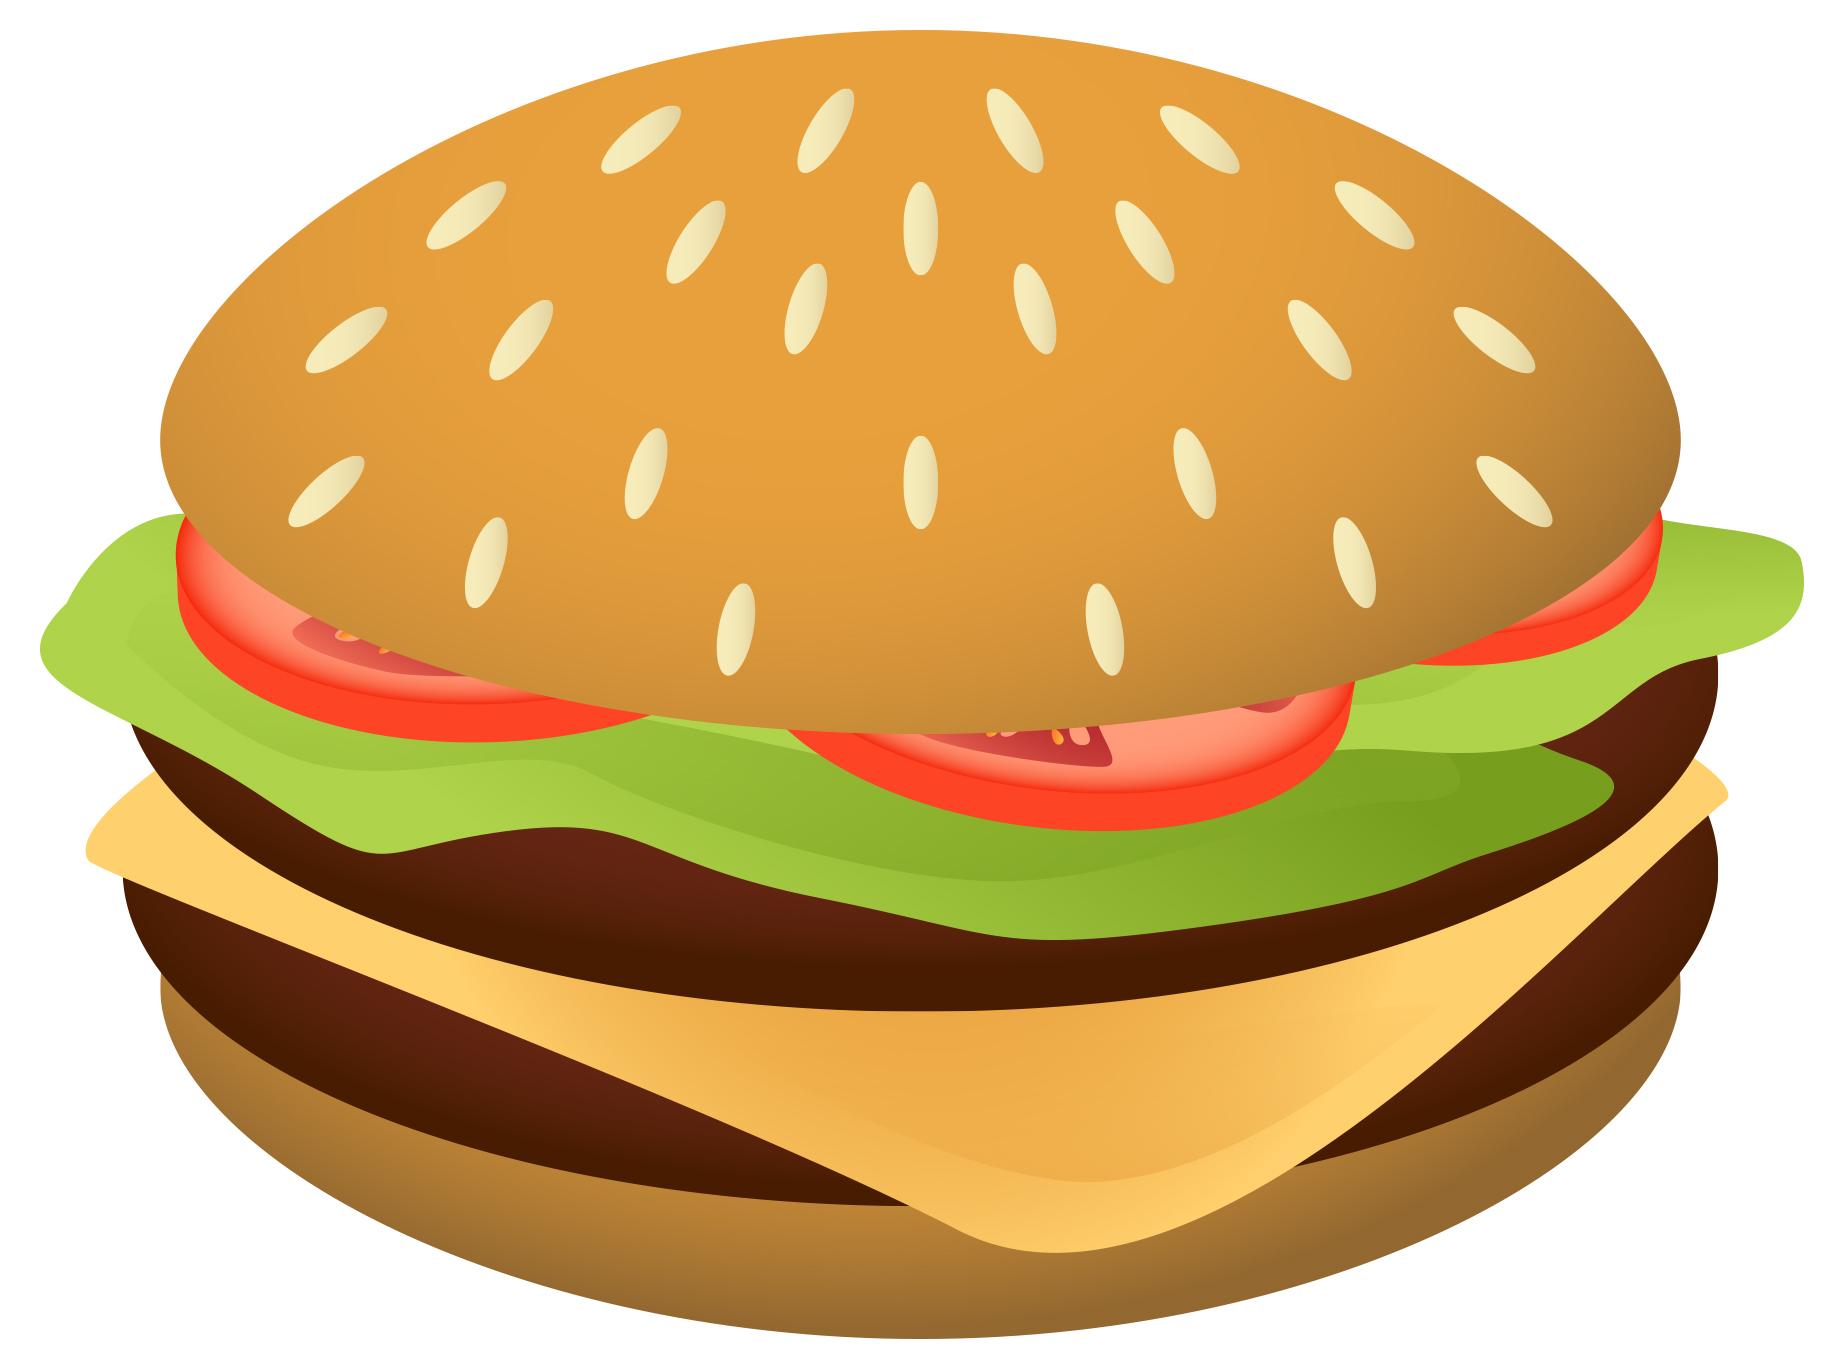 Burger Clipart-Burger Clipart-3